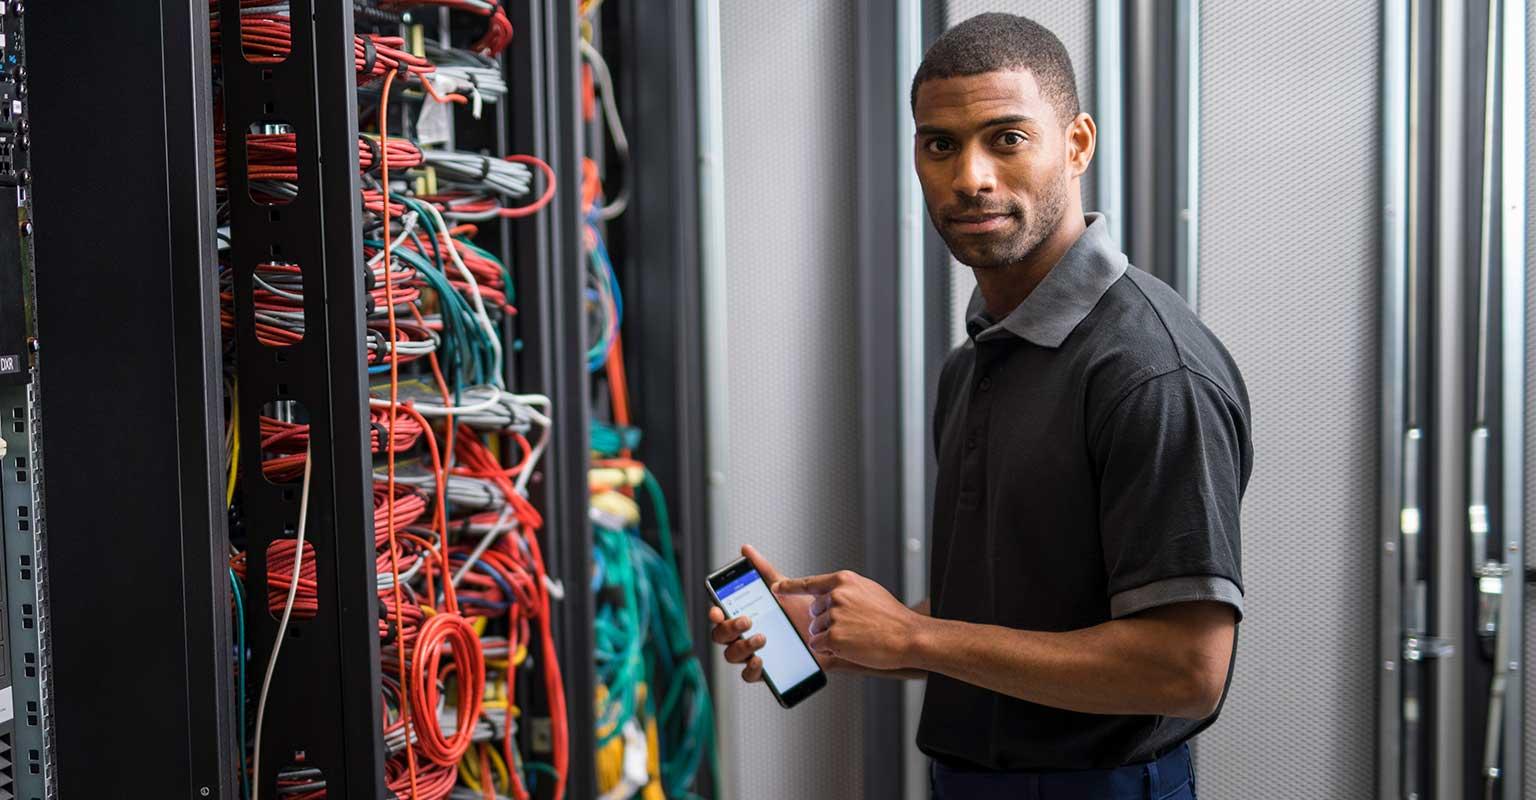 Netzwerktechniker, der die Brother iLink & Label App auf seinem Smartphone verwendet